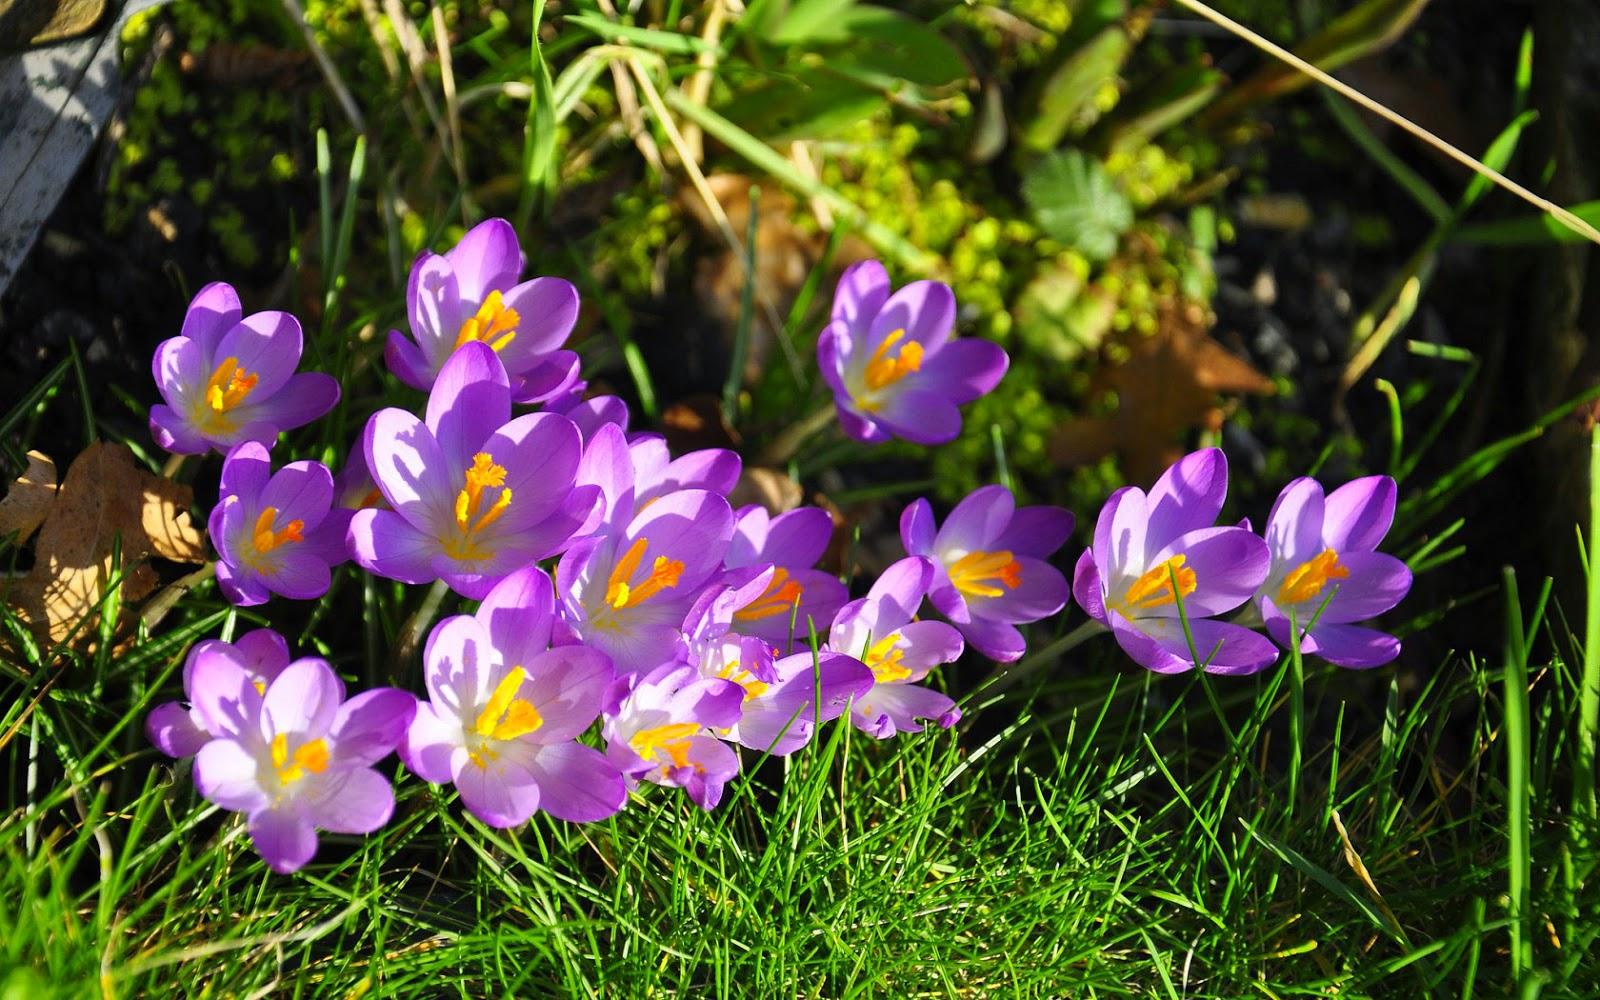 lente achtergronden hd - photo #9